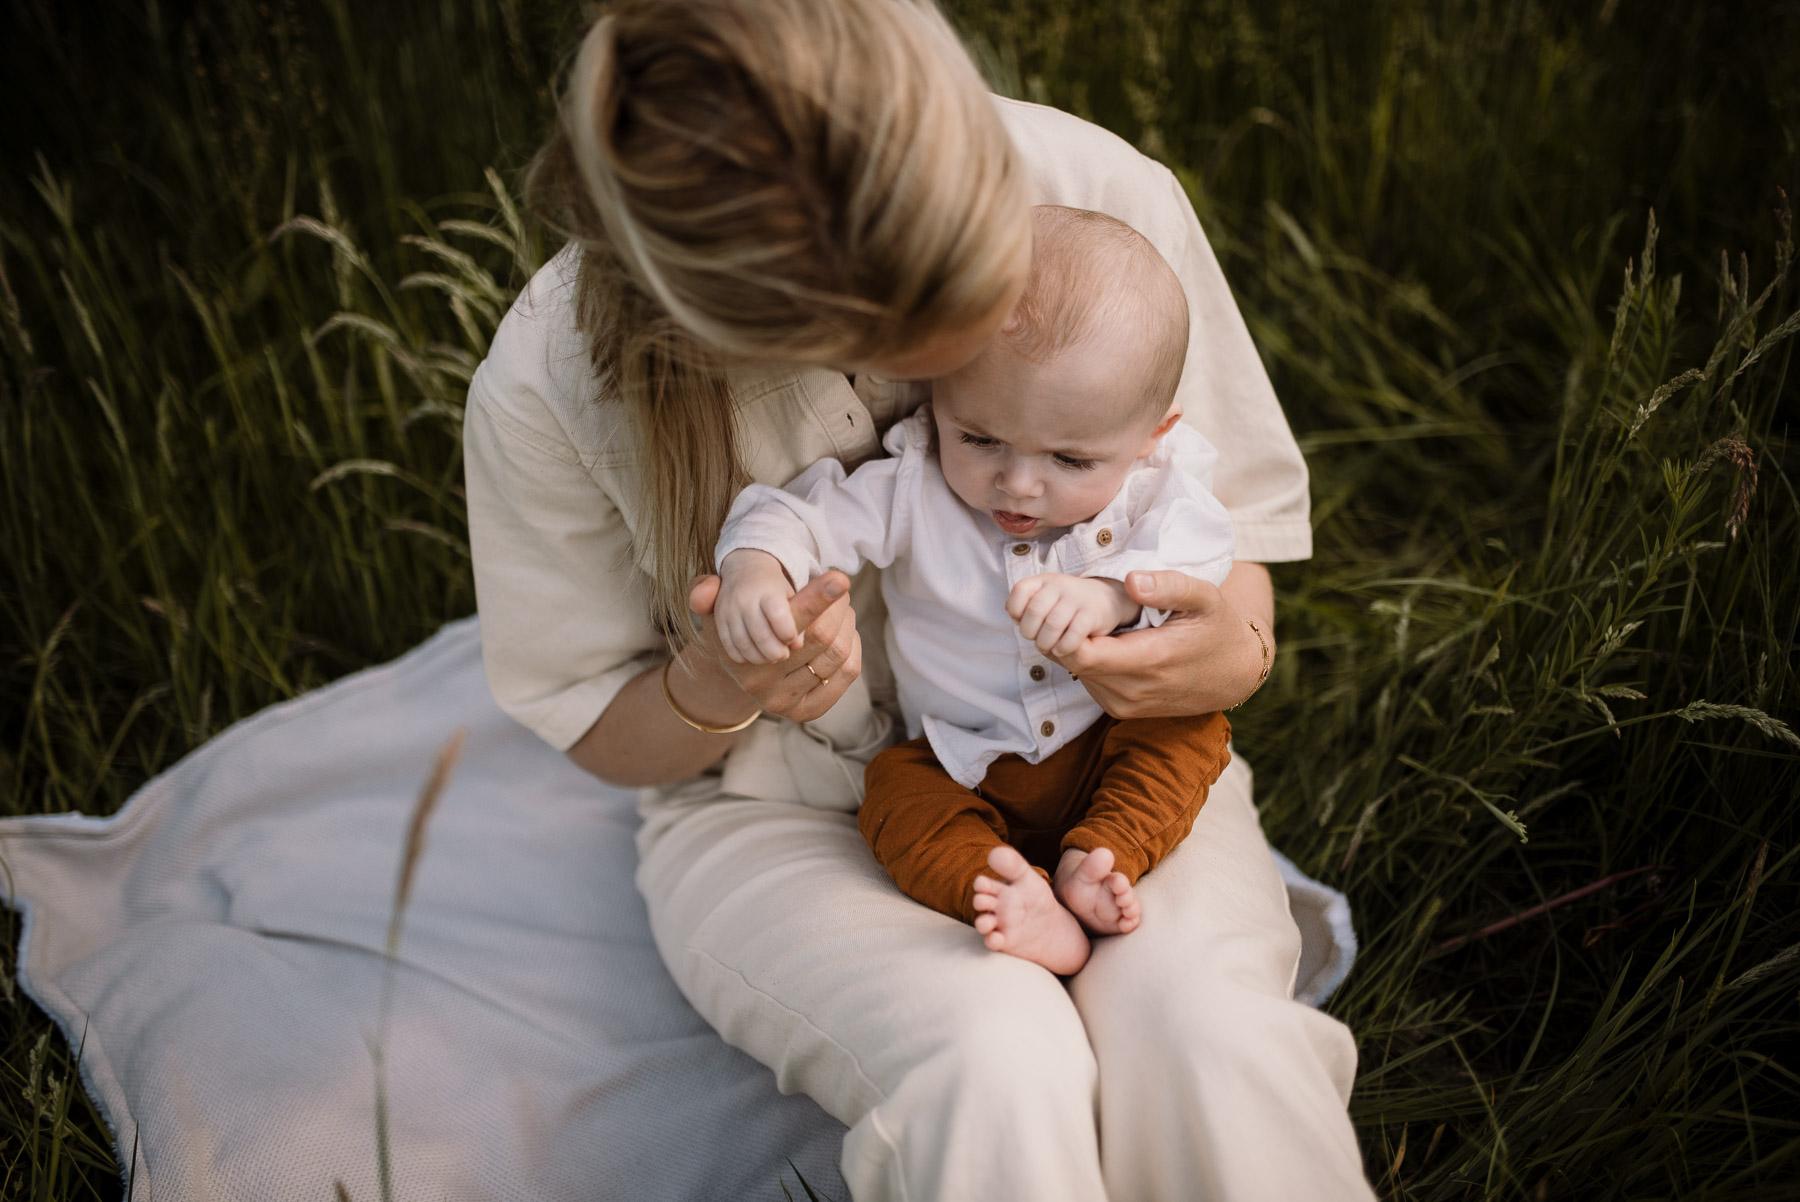 gezinsfotograaf breda, gezinsfotografie, familiefotograaf noord-brabant, gezinsshoot, kinderfotografie, kindfotograaf, lifestyle fotograaf, trouwfotograaf breda